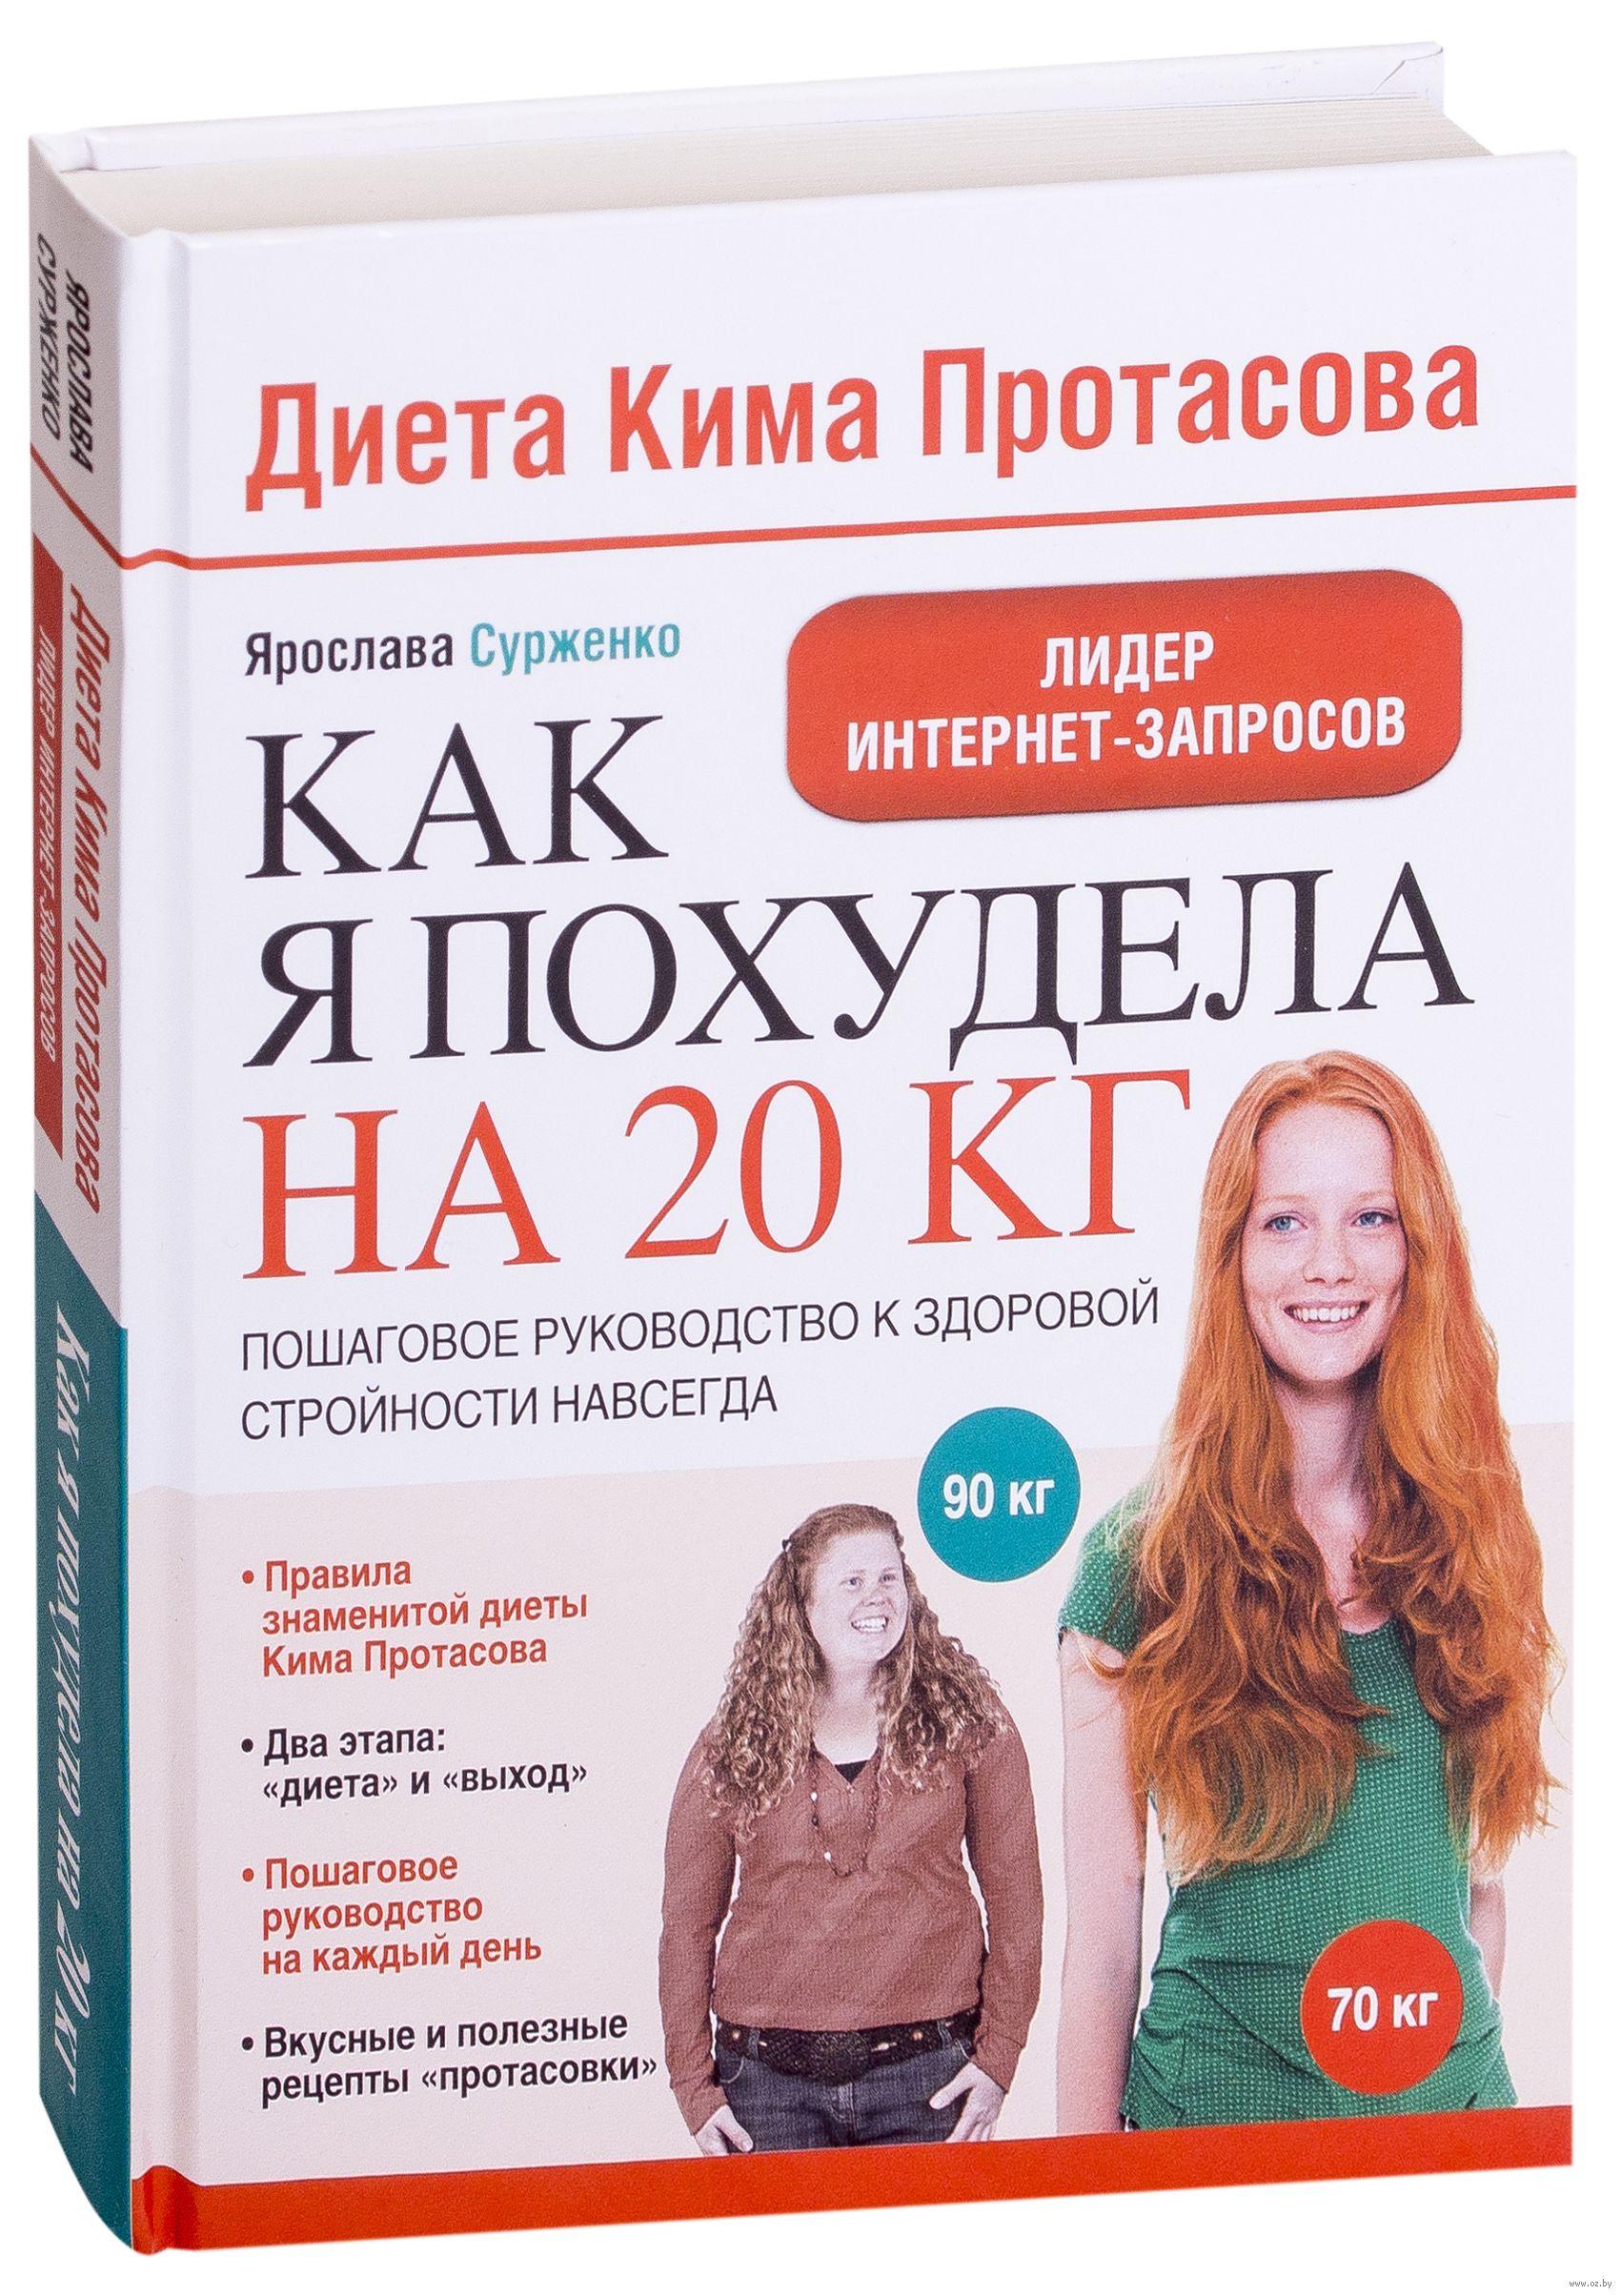 Все О Диета Кима Протасова. Знаменитая «Протасовка»: пять недель на пищевое перевоспитание